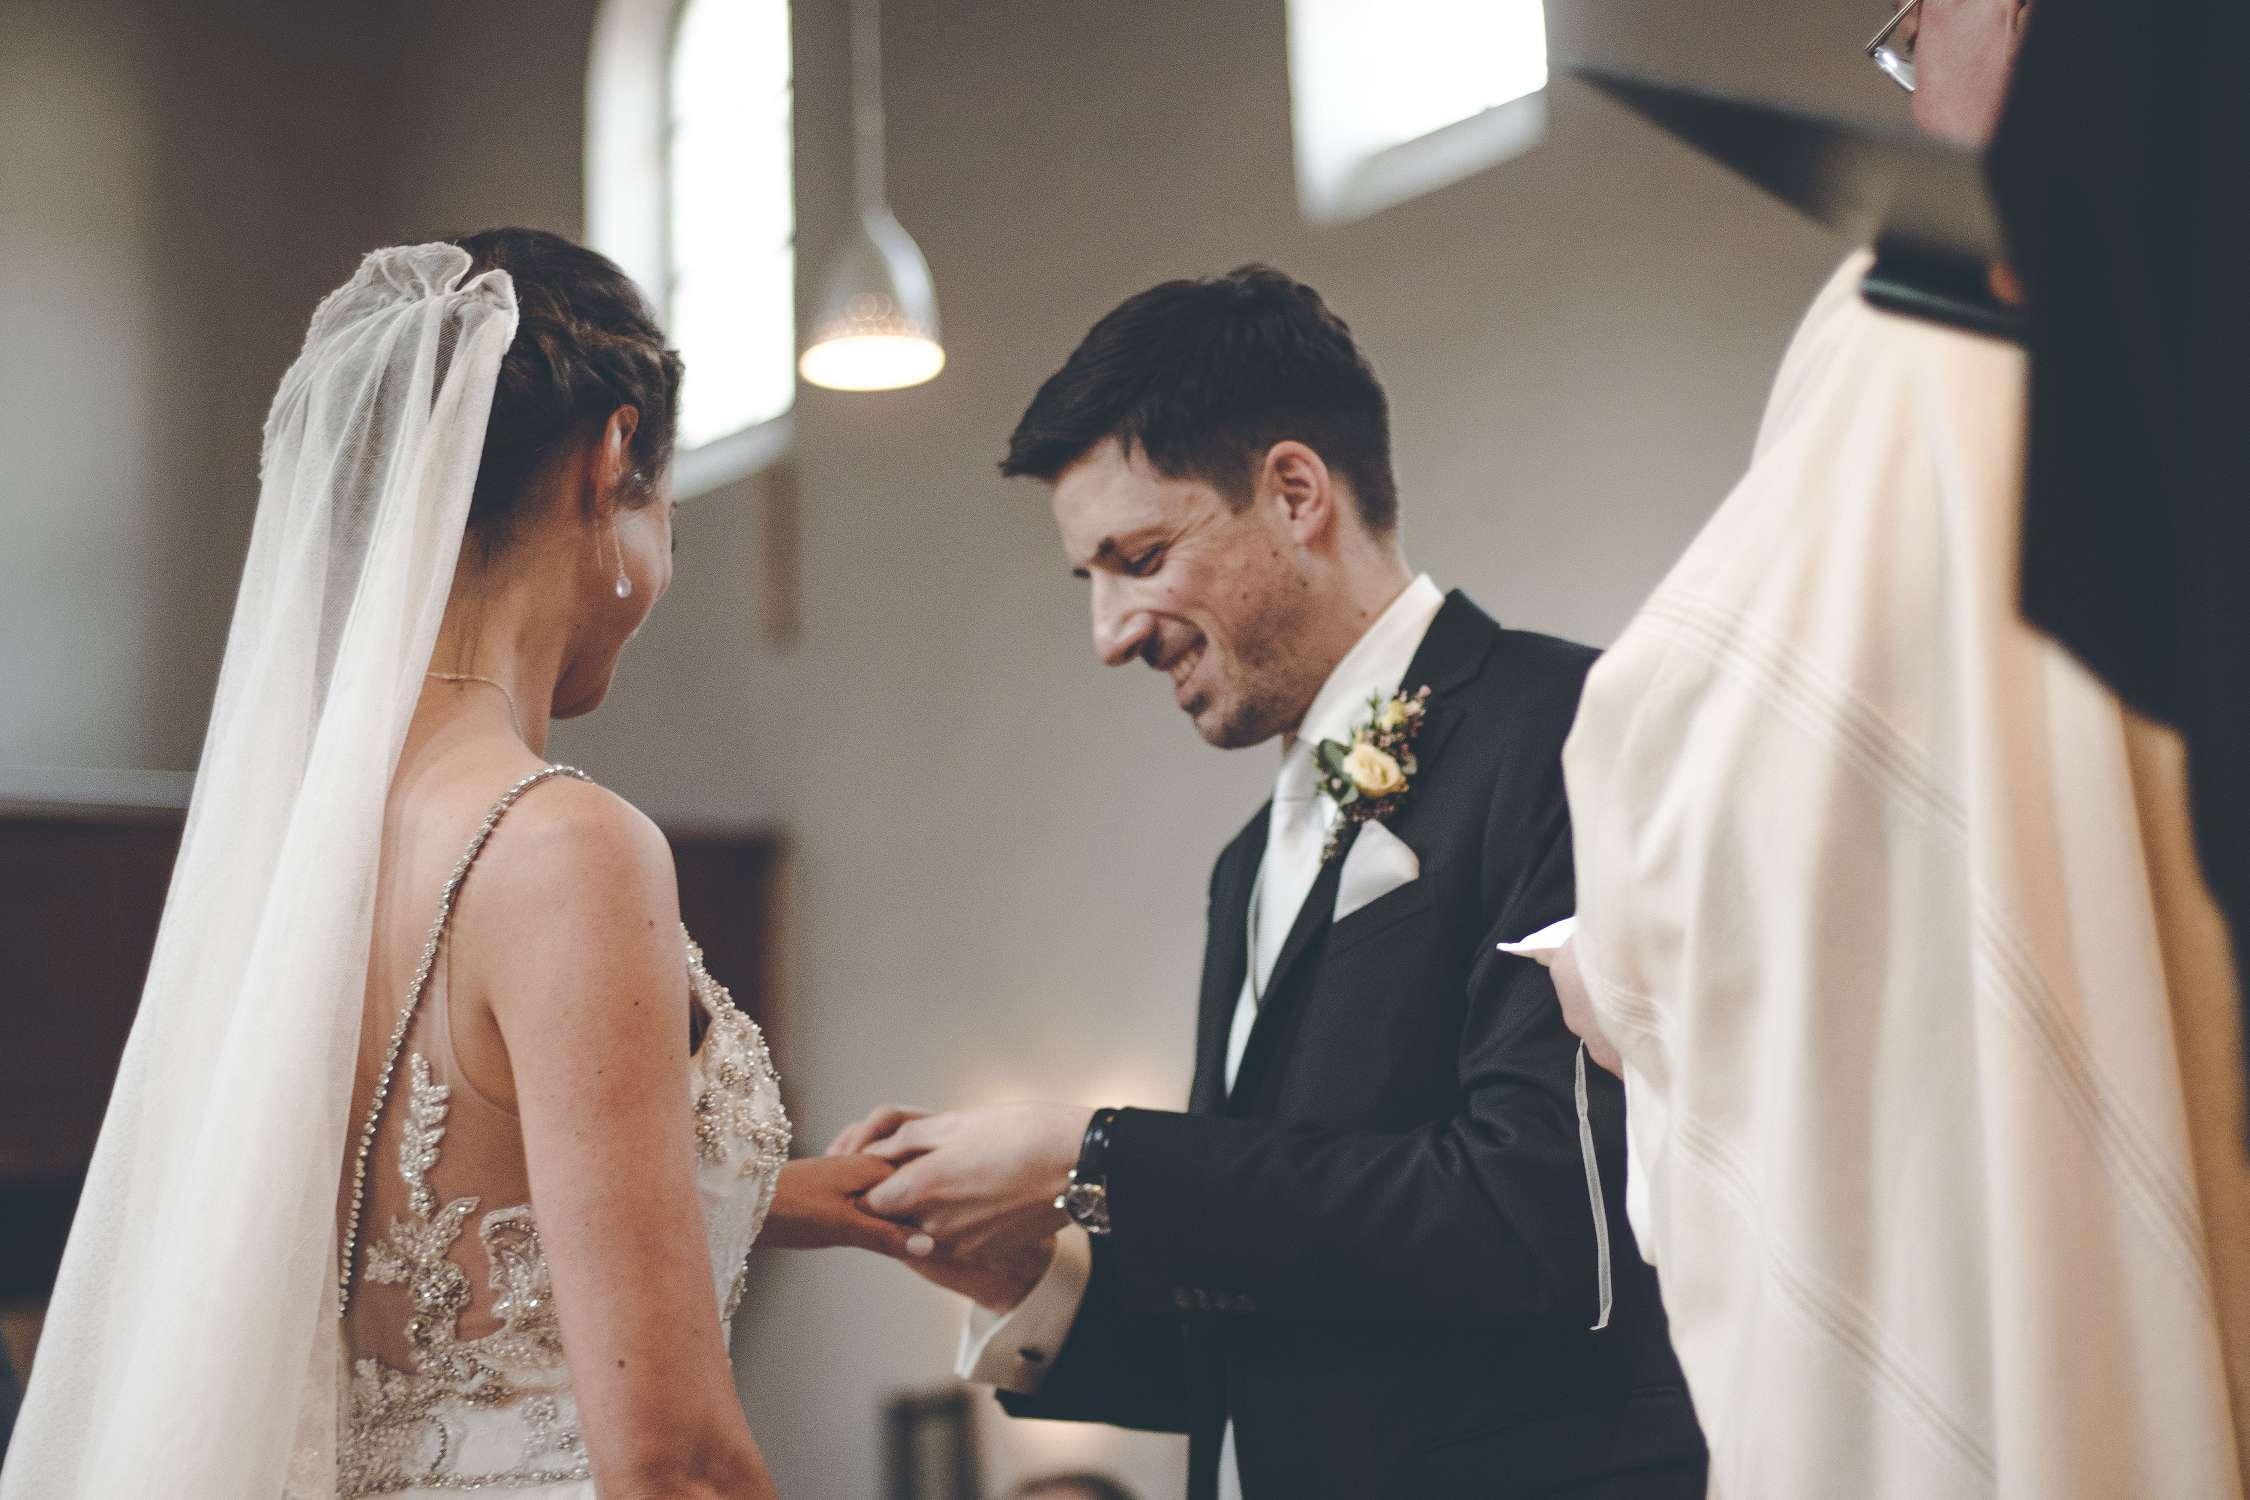 Austausch der Hochzeitsringe in der Himmelfahrtskirche in Sendling